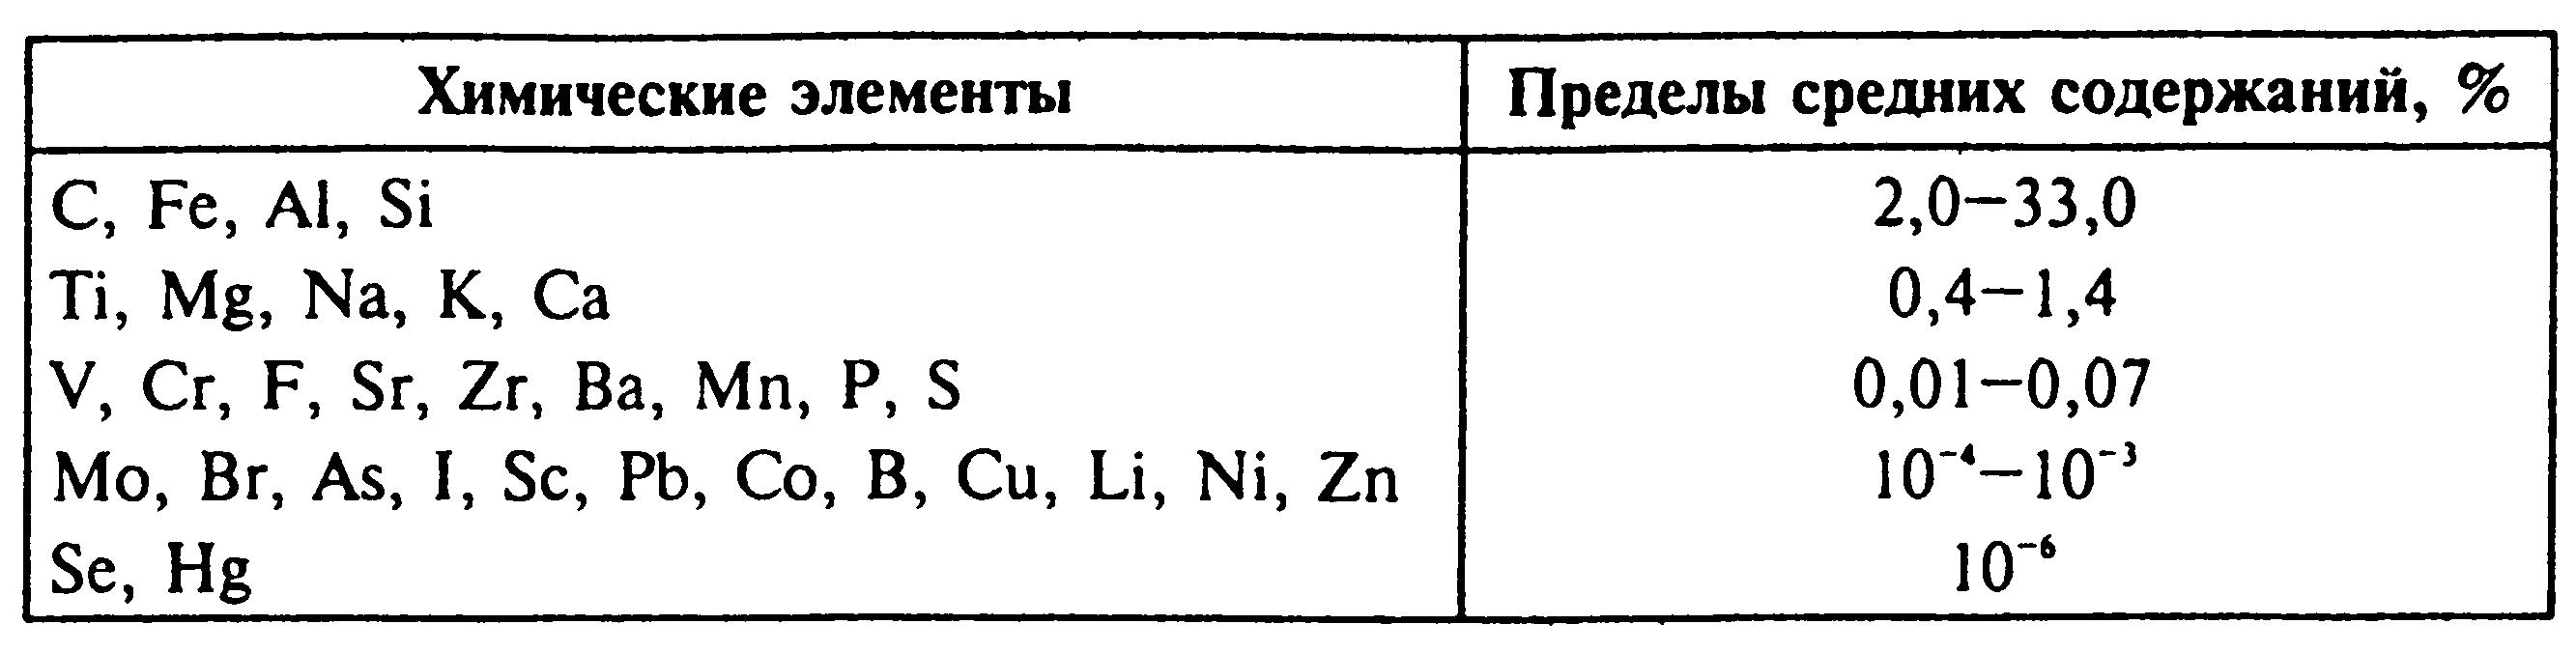 Химические элементы Пределы средних содержаний